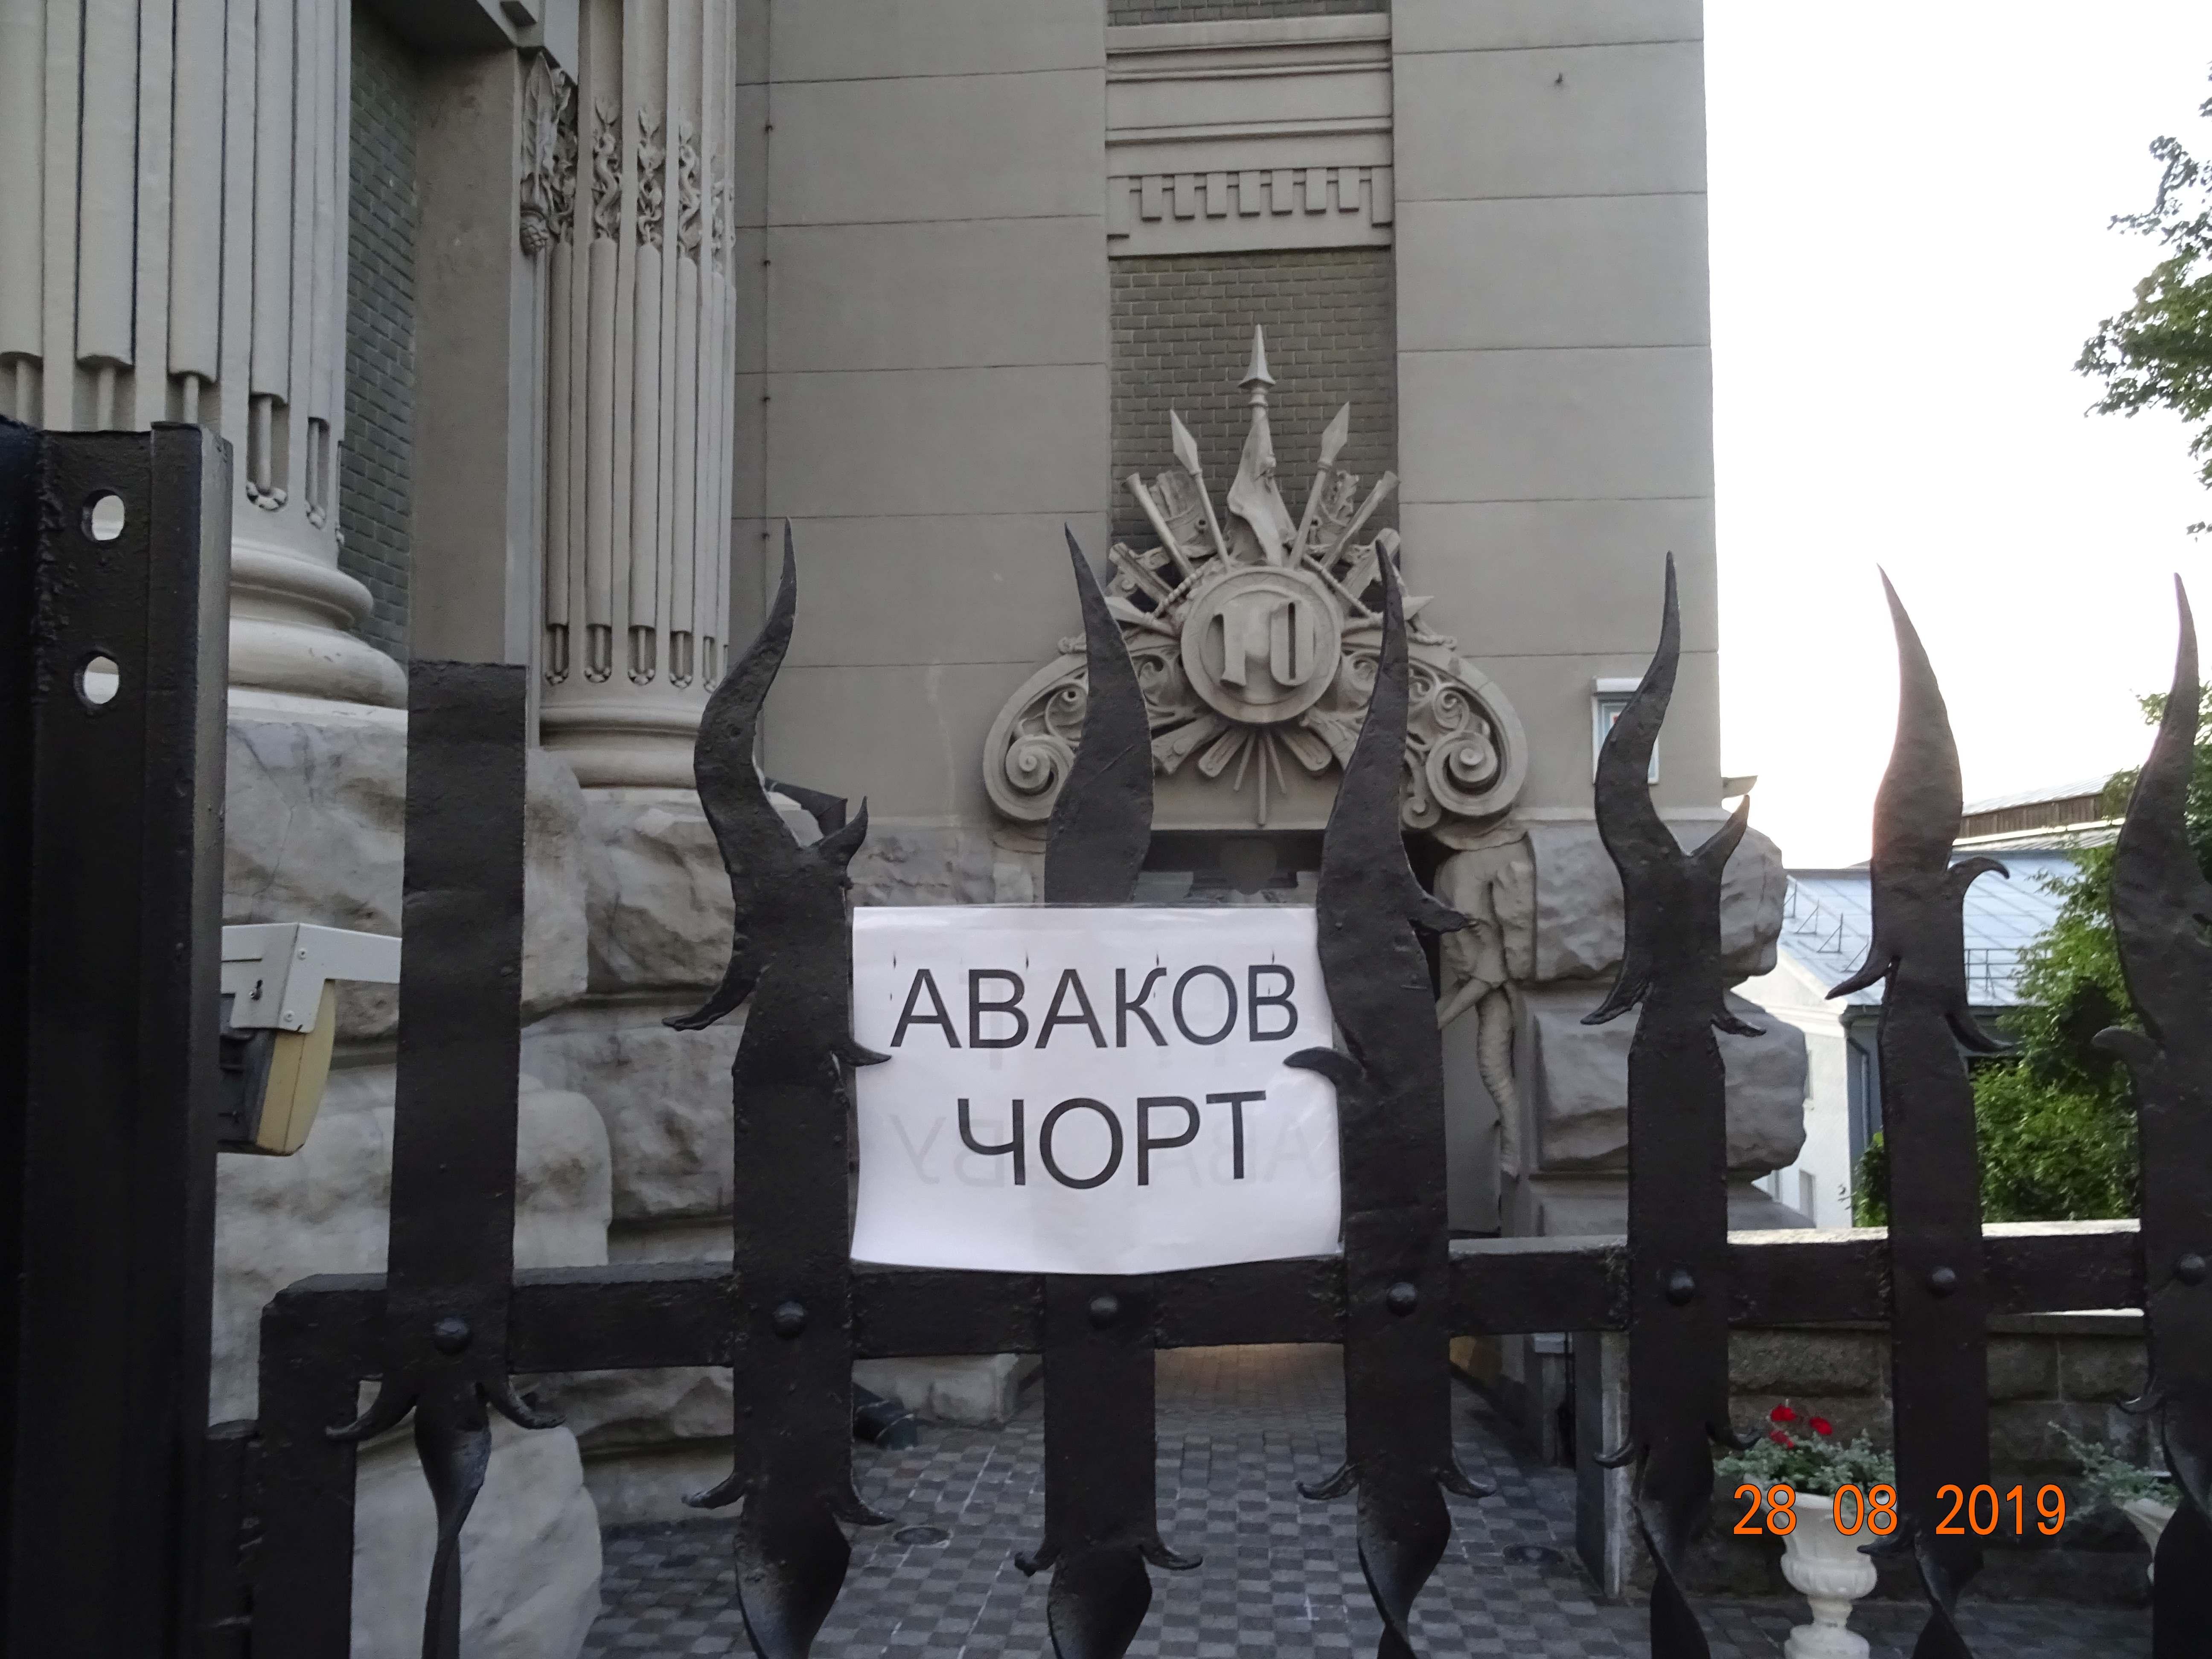 Avakov-Chort-Devil - Avakov-Chort-Devil-image033.jpg